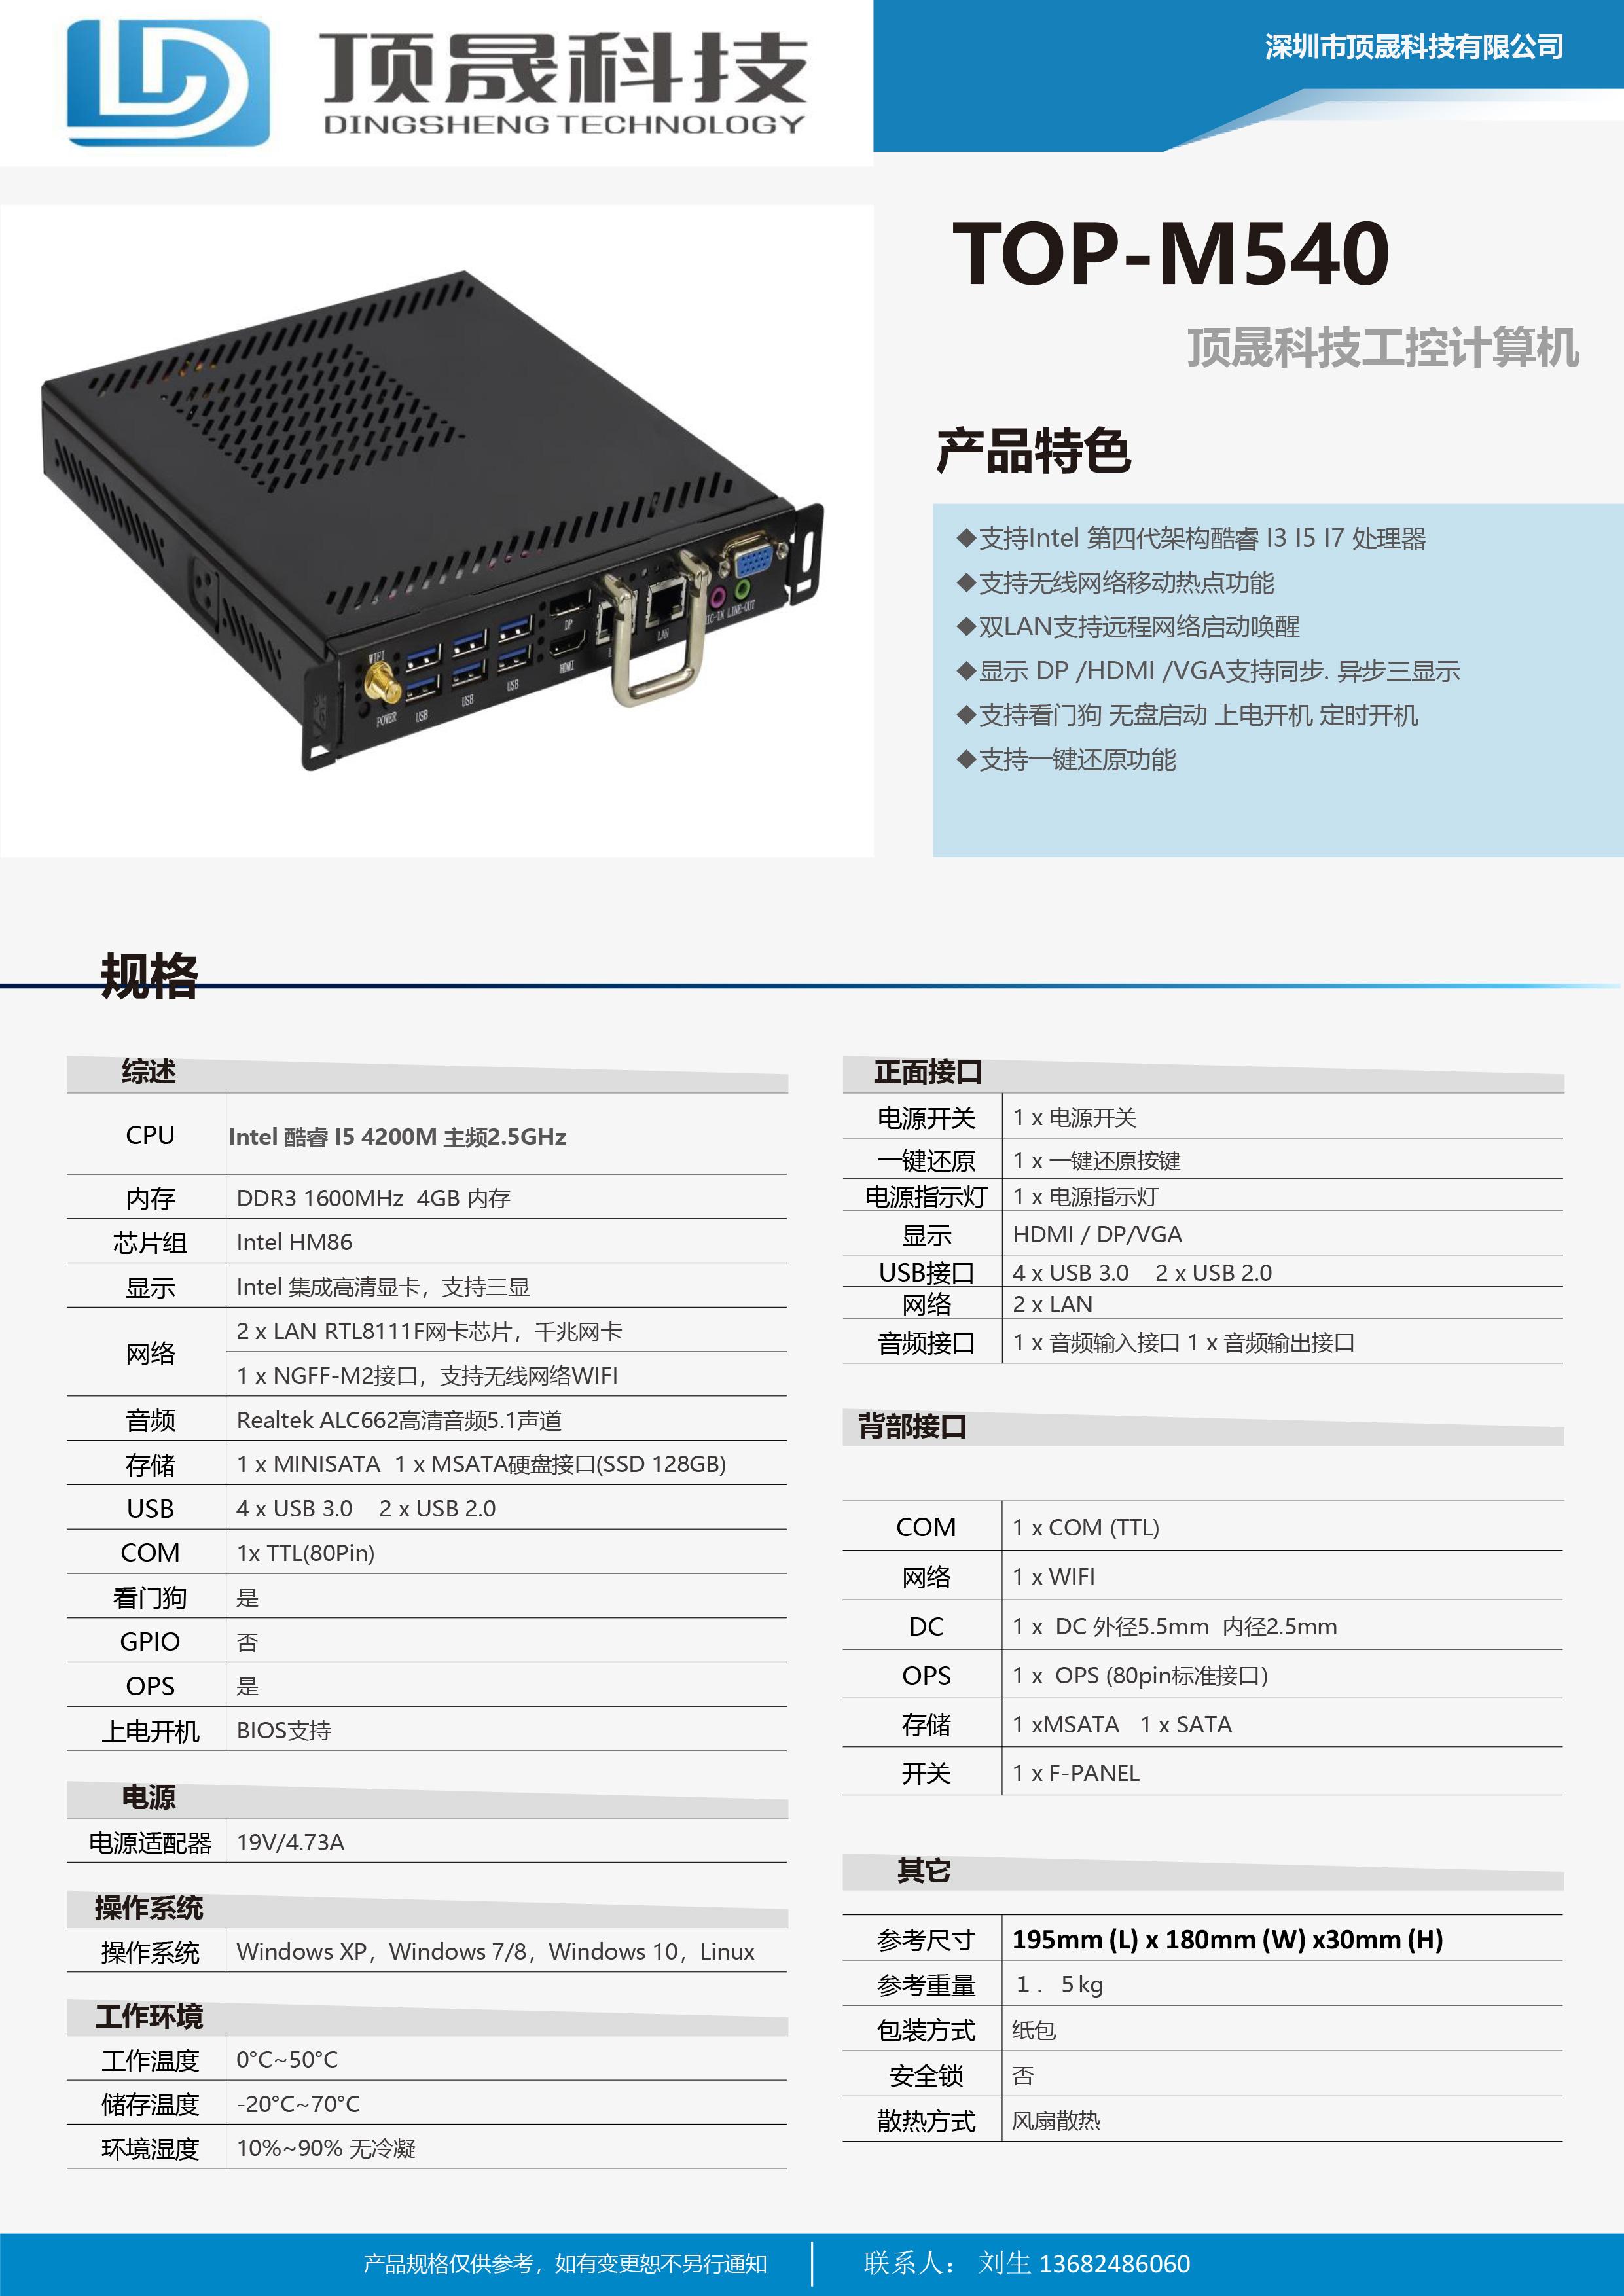 I5-4200M-4-128--30MM